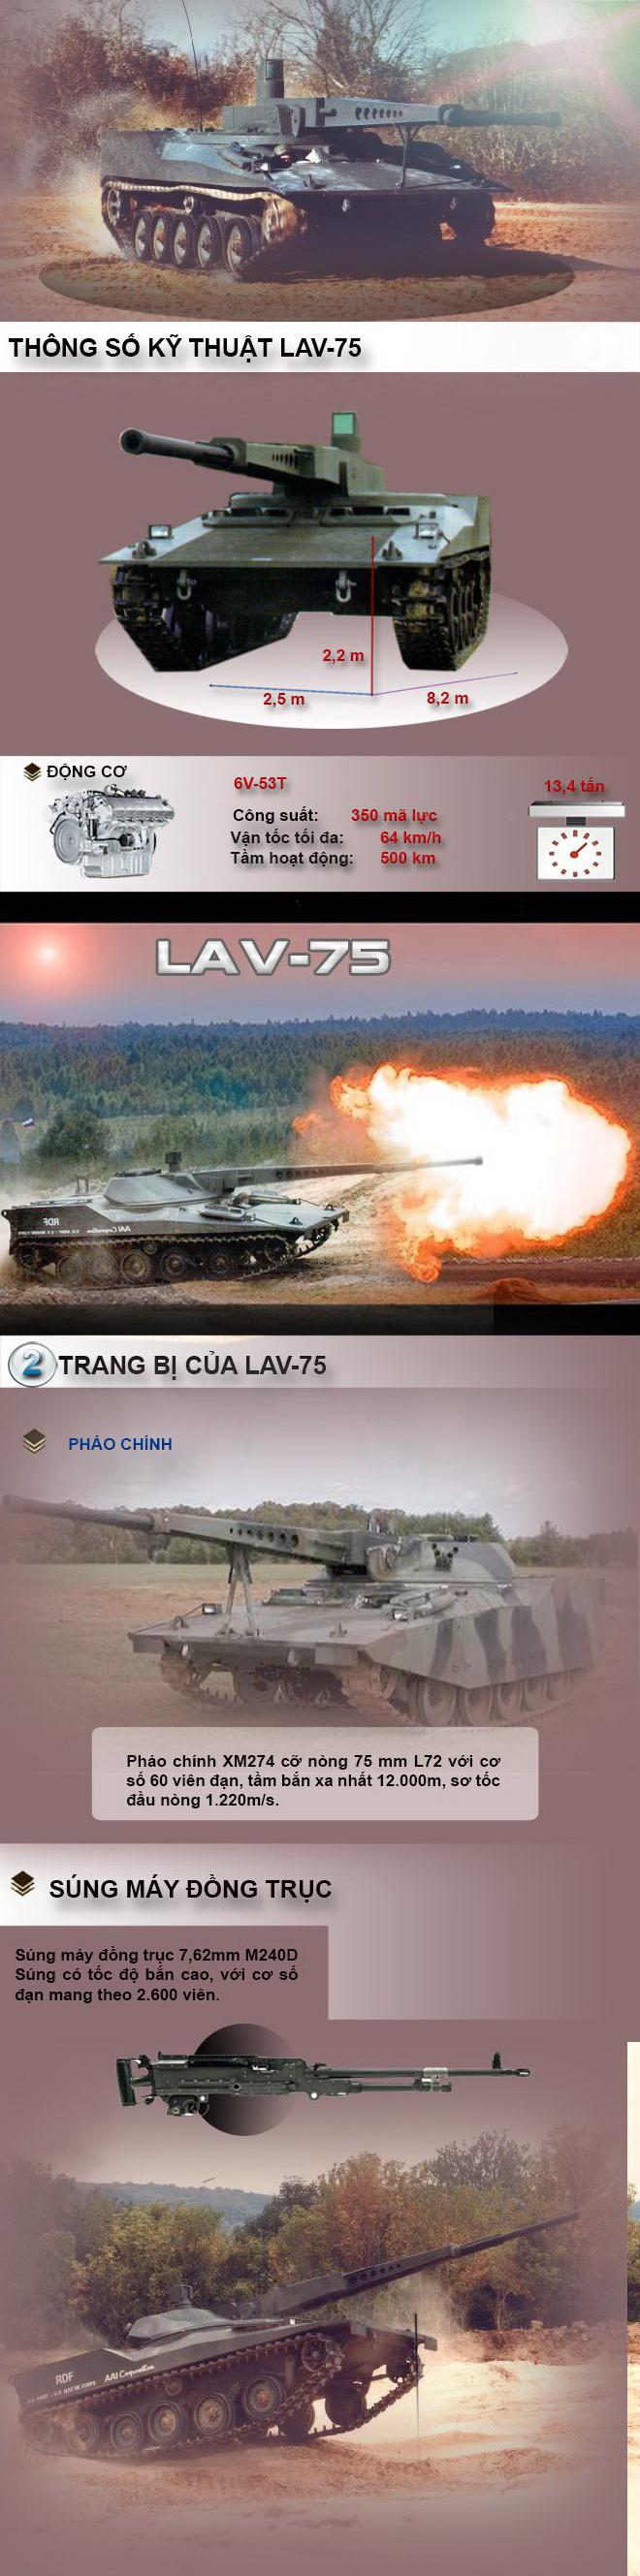 Xe tăng hạng nhẹ đi trước thời đại của lực lượng phản ứng nhanh Quân đội Mỹ - Ảnh 1.